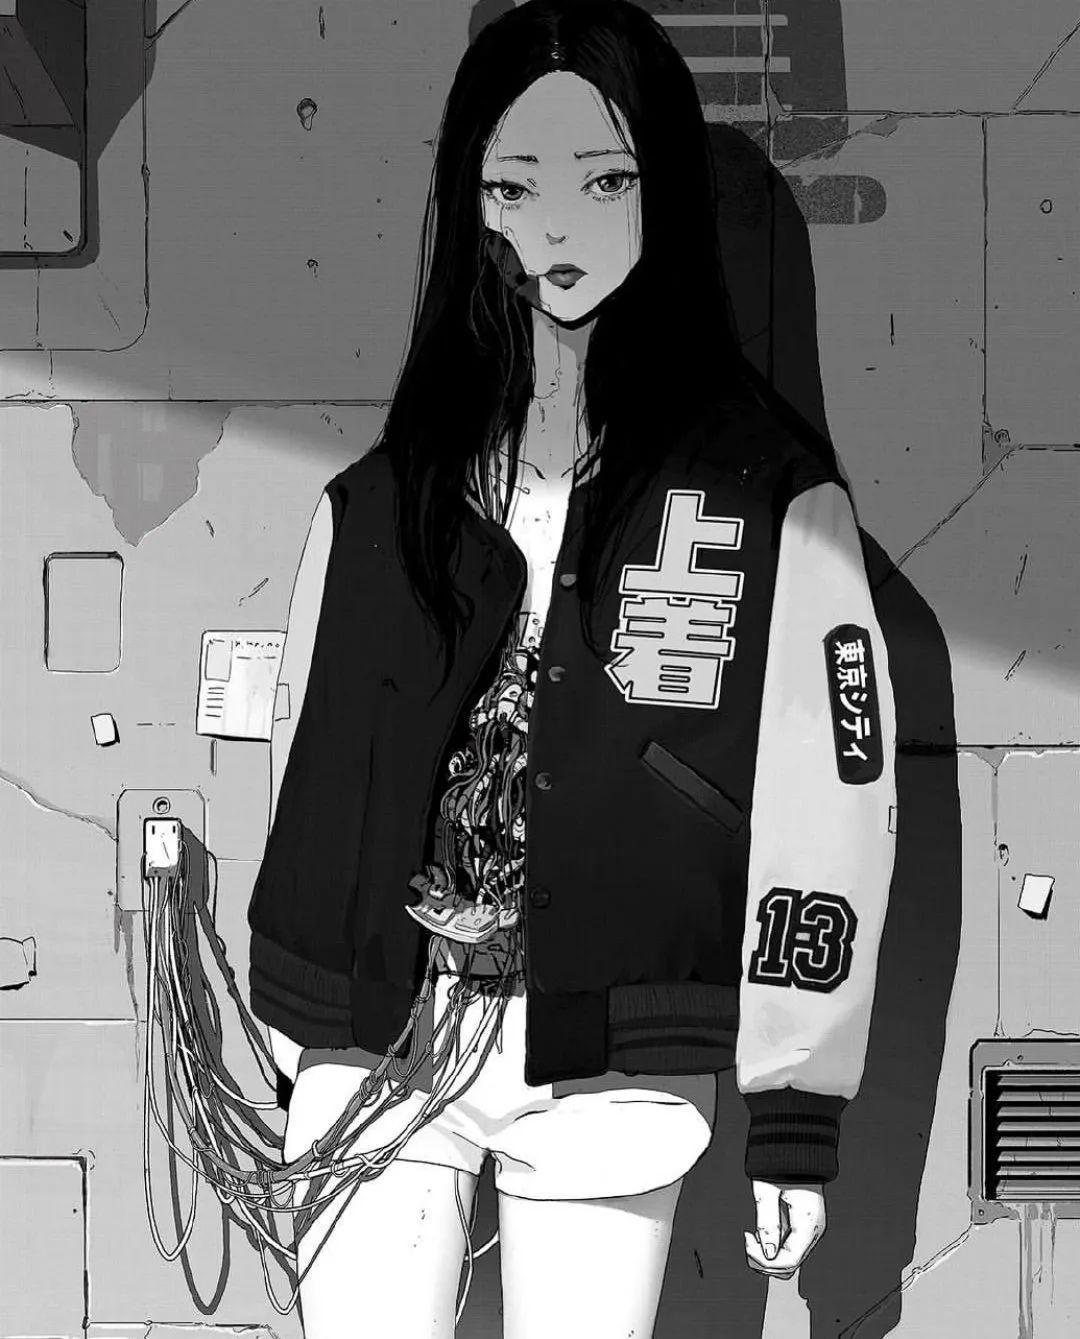 4月21日,二次元美图!少女的黑色美甲好A哟_图片 No.24